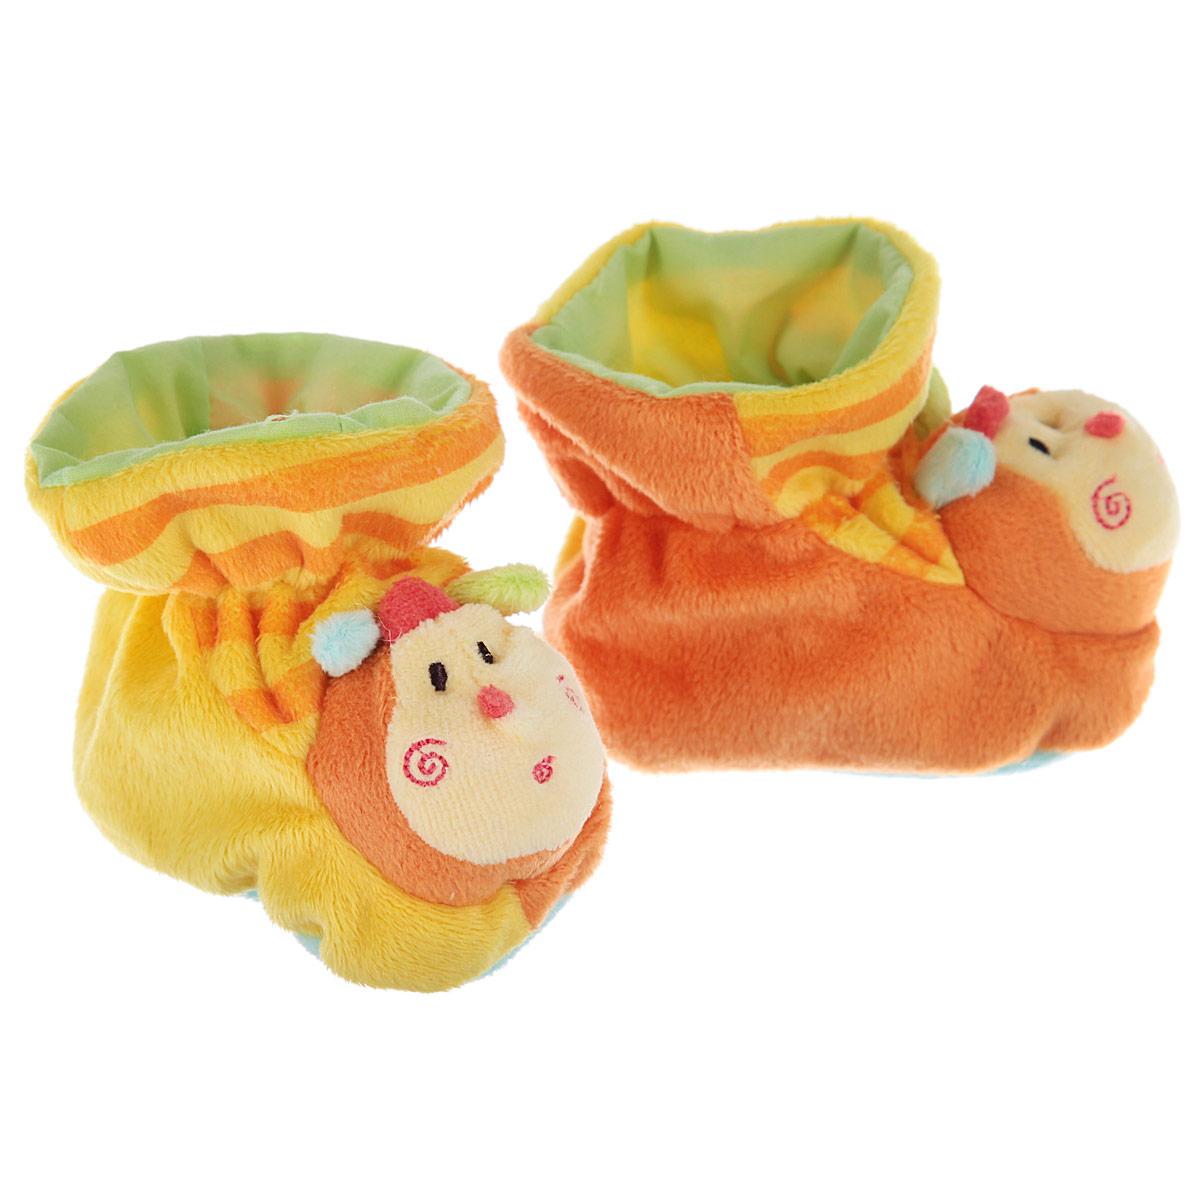 Пинетки Baby Nice Пчелки, цвет: желтый, оранжевый, голубой. Р47061. Возраст 0месР47061Очаровательные пинетки Baby Nice Пчелки идеально подойдут для маленьких ножек вашего крохи! Они очень нежные и приятные на ощупь, не раздражают кожу и хорошо вентилируются. В хлопковых велюровых пинетках ножка малыша дышит и не мерзнет - созданы все комфортные условия, для того, чтобы подумать о первых шагах!Яркие пинетки изготовлены из очень мягкого и приятного на ощупь ворсистого материала - 100% хлопка и оформлены объемной головой в виде пчелки. Благодаря скрытой эластичной резинке пинетки будут отлично держаться на ножке младенца. Подошва выполнена в контрастном цвете. Такие пинетки - отличное решение для малышей и их родителей!